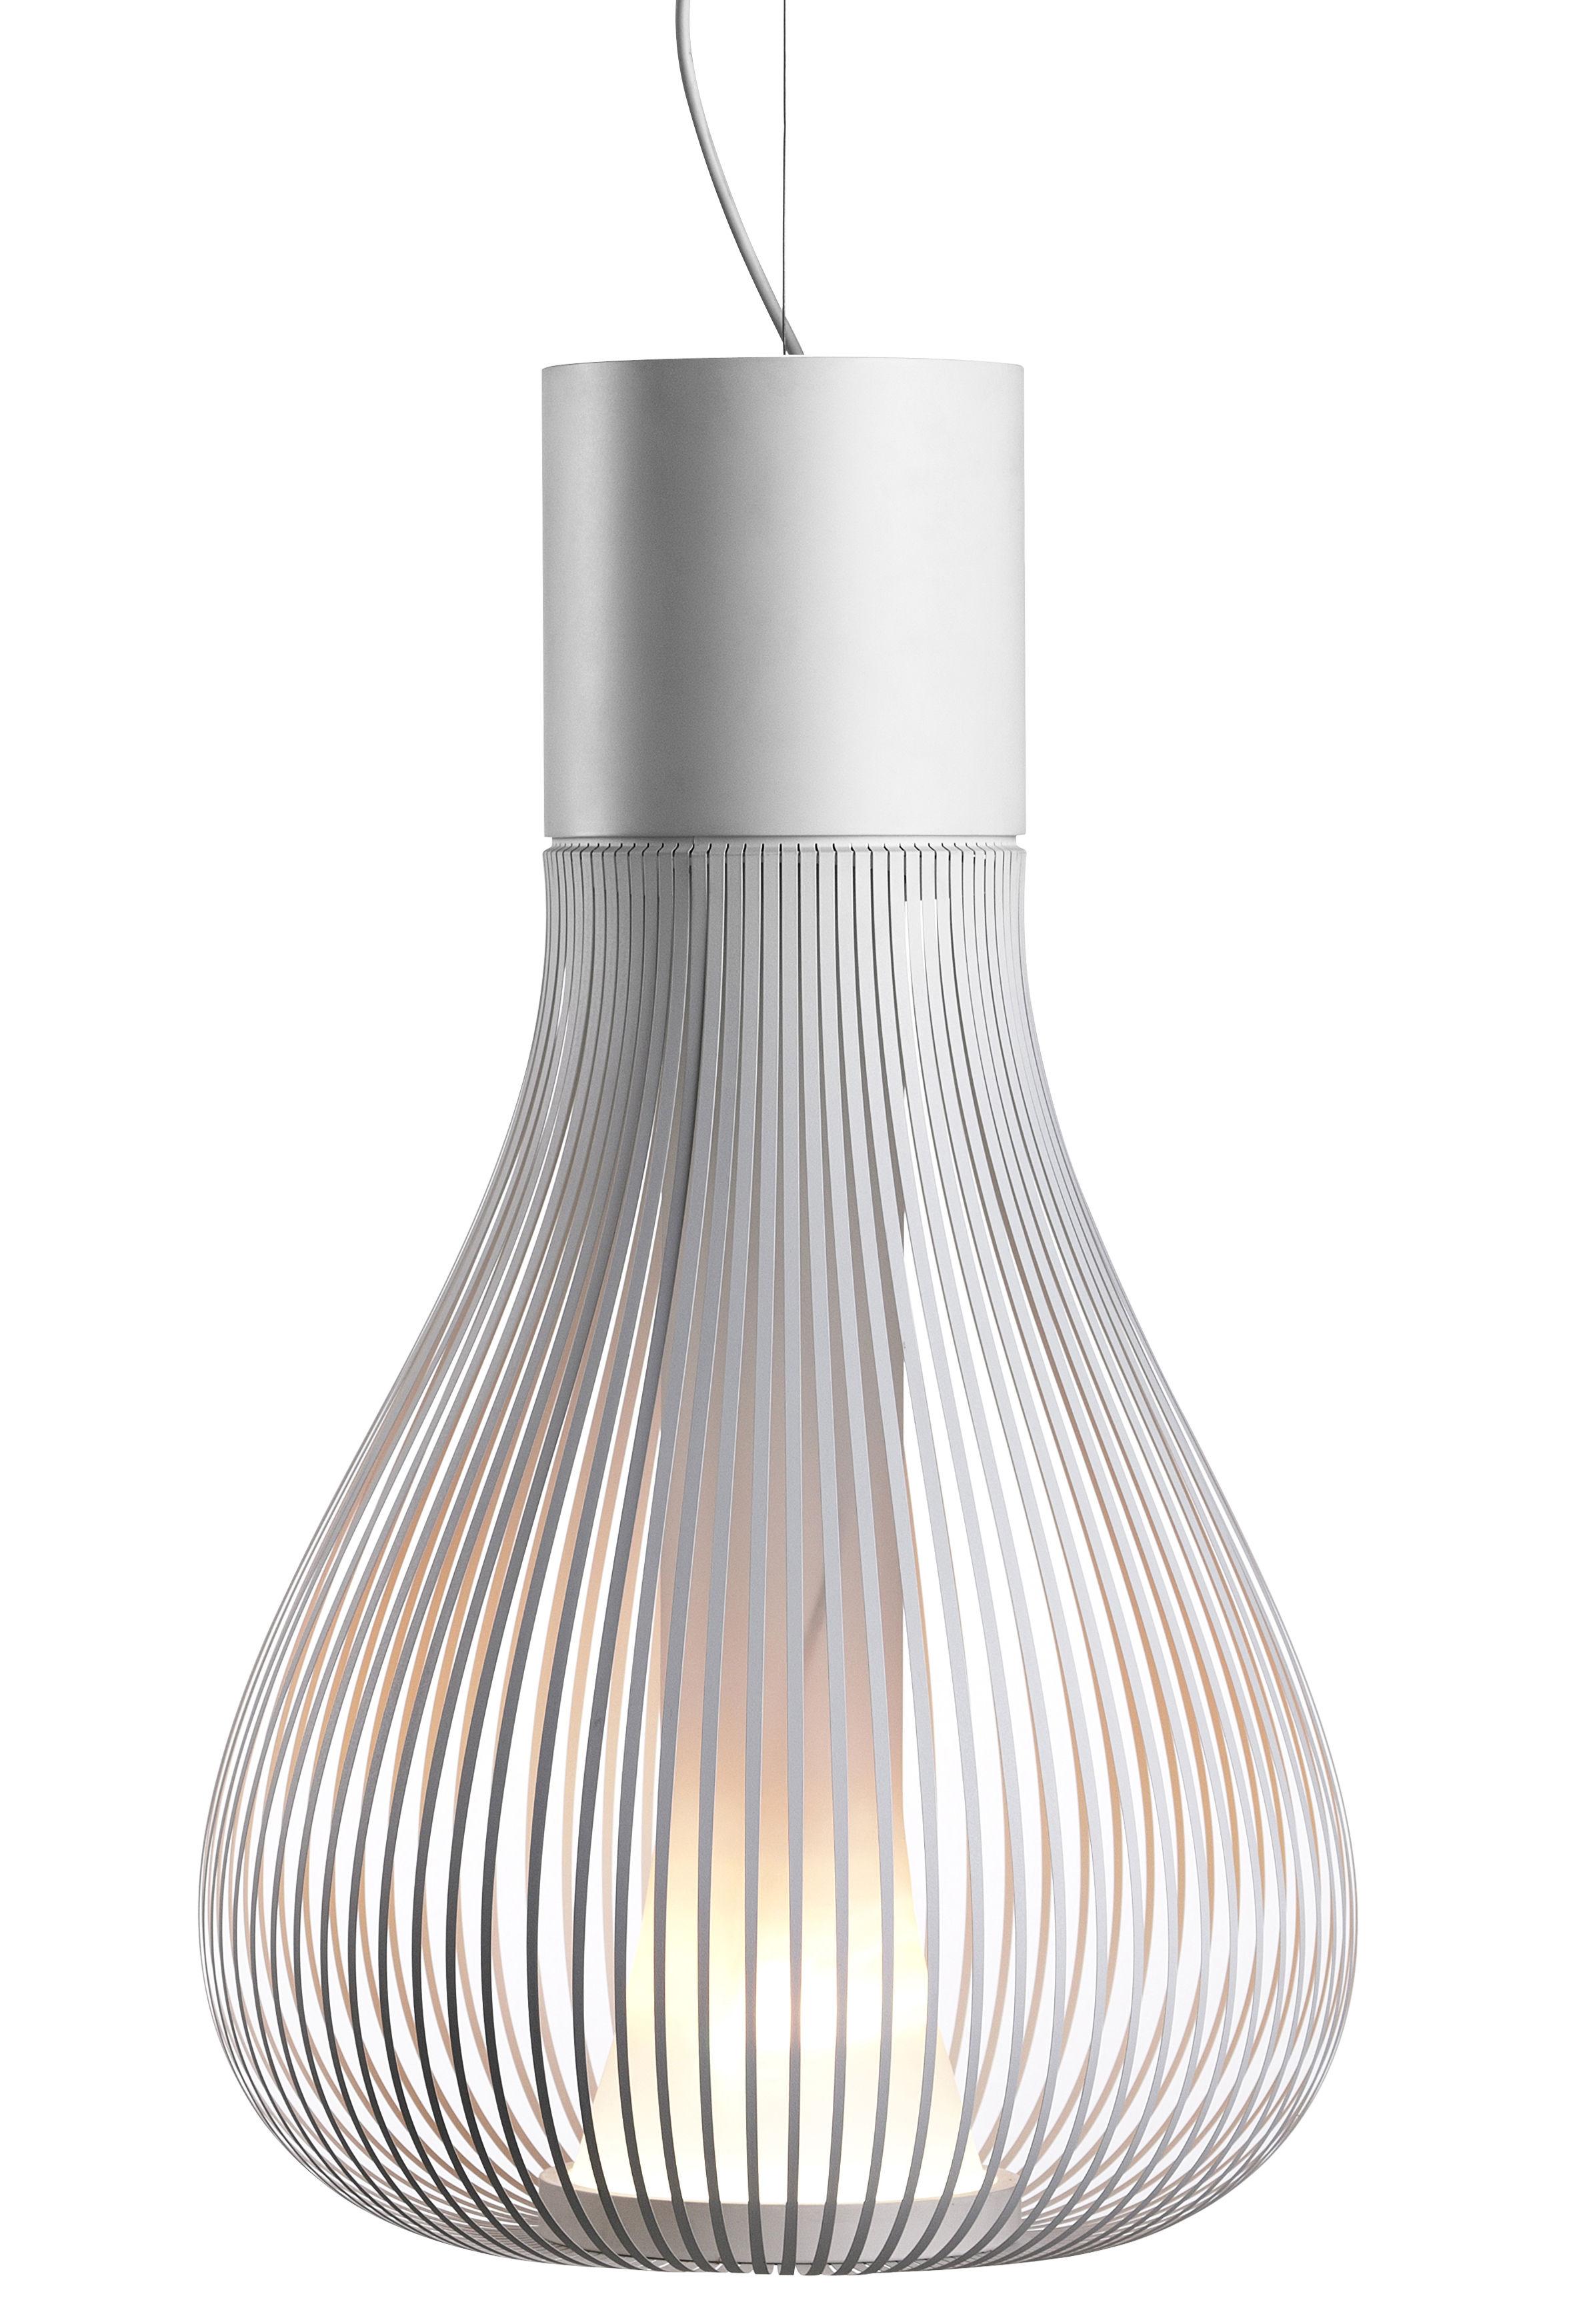 Illuminazione - Lampadari - Sospensione Chasen S2 - componibile di Flos - Bianco - Acciaio inossidabile